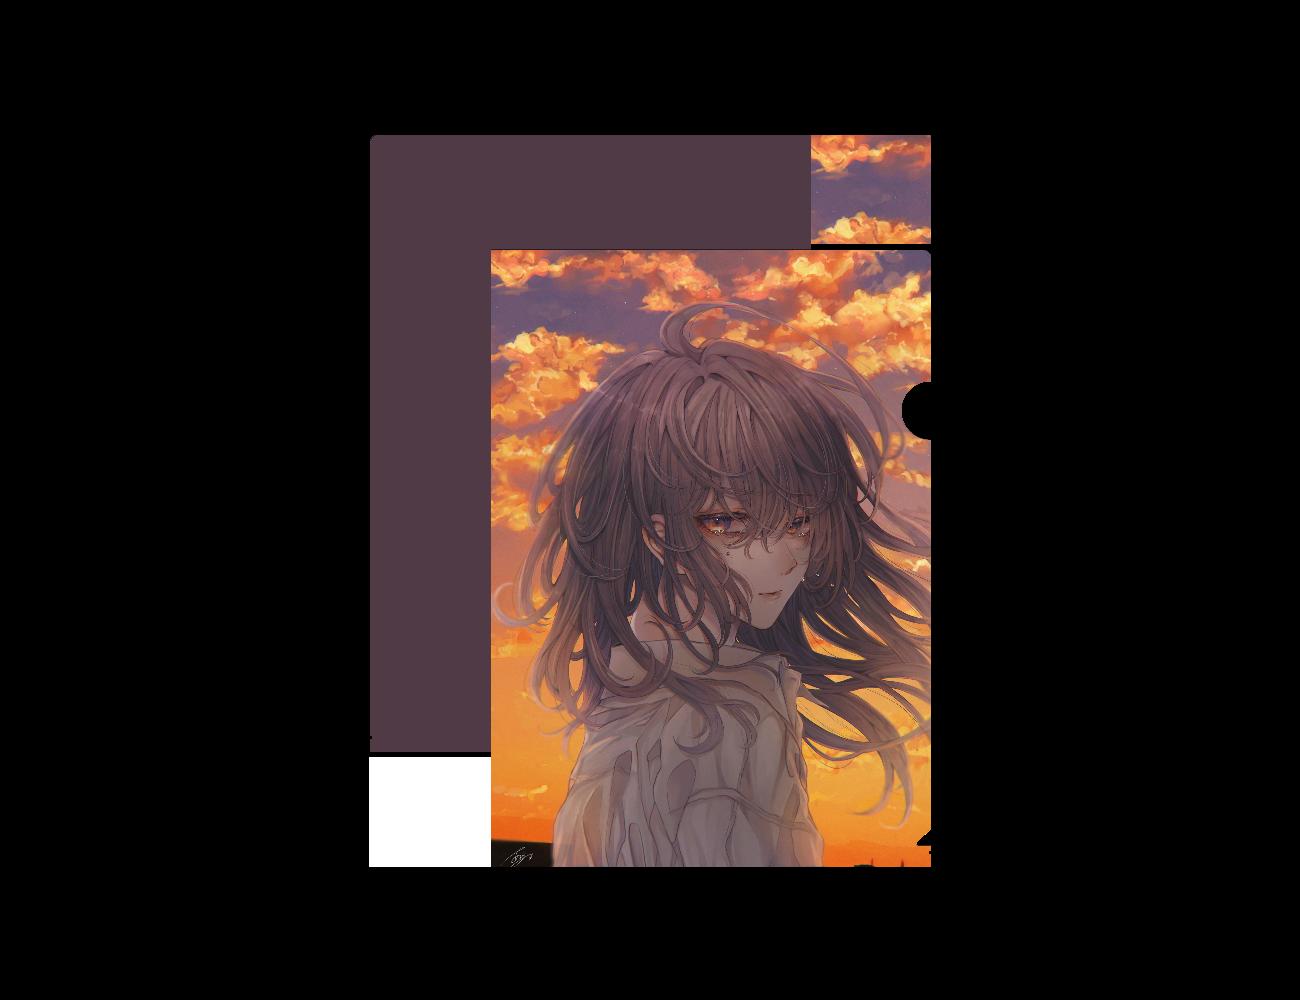 【オリラボマーケット限定】黄昏の亡霊 クリアファイル A4フルグラフィッククリアファイル